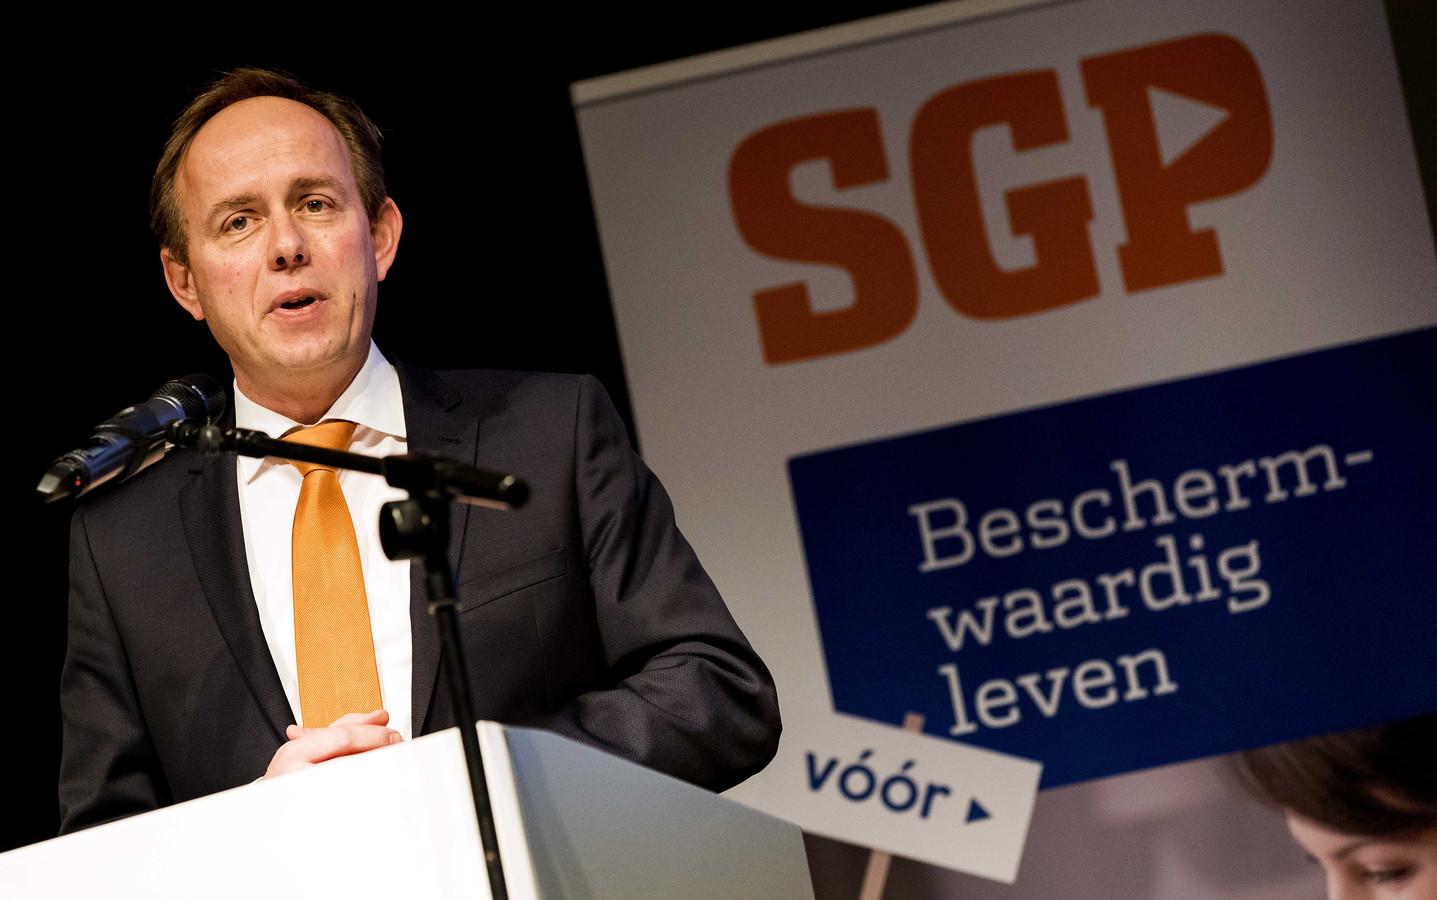 Lijsttrekker en fractievoorzitter Kees van der Staaij.